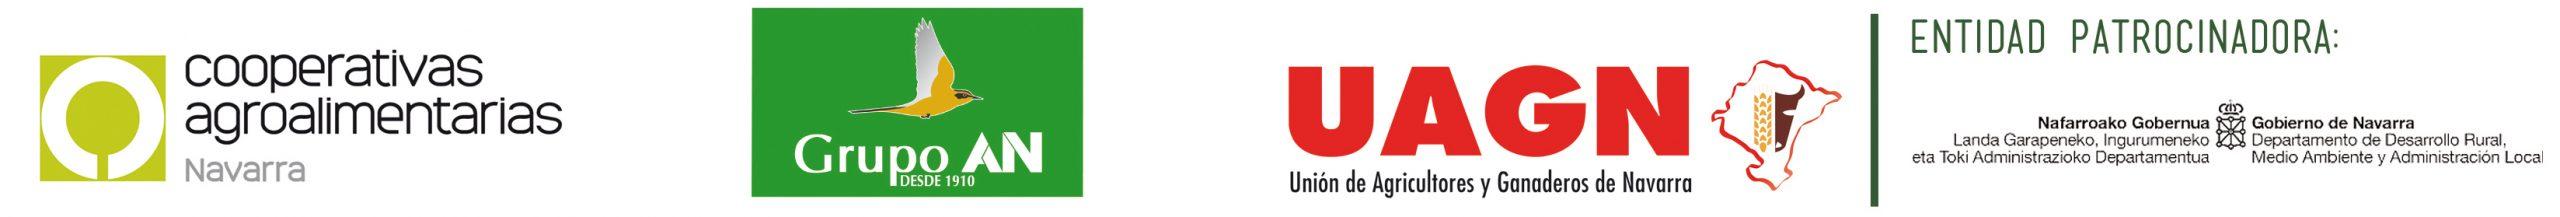 Proyecto colaborativo para la mejora de la gestión de los residuos plásticos de uso agrario en Navarra